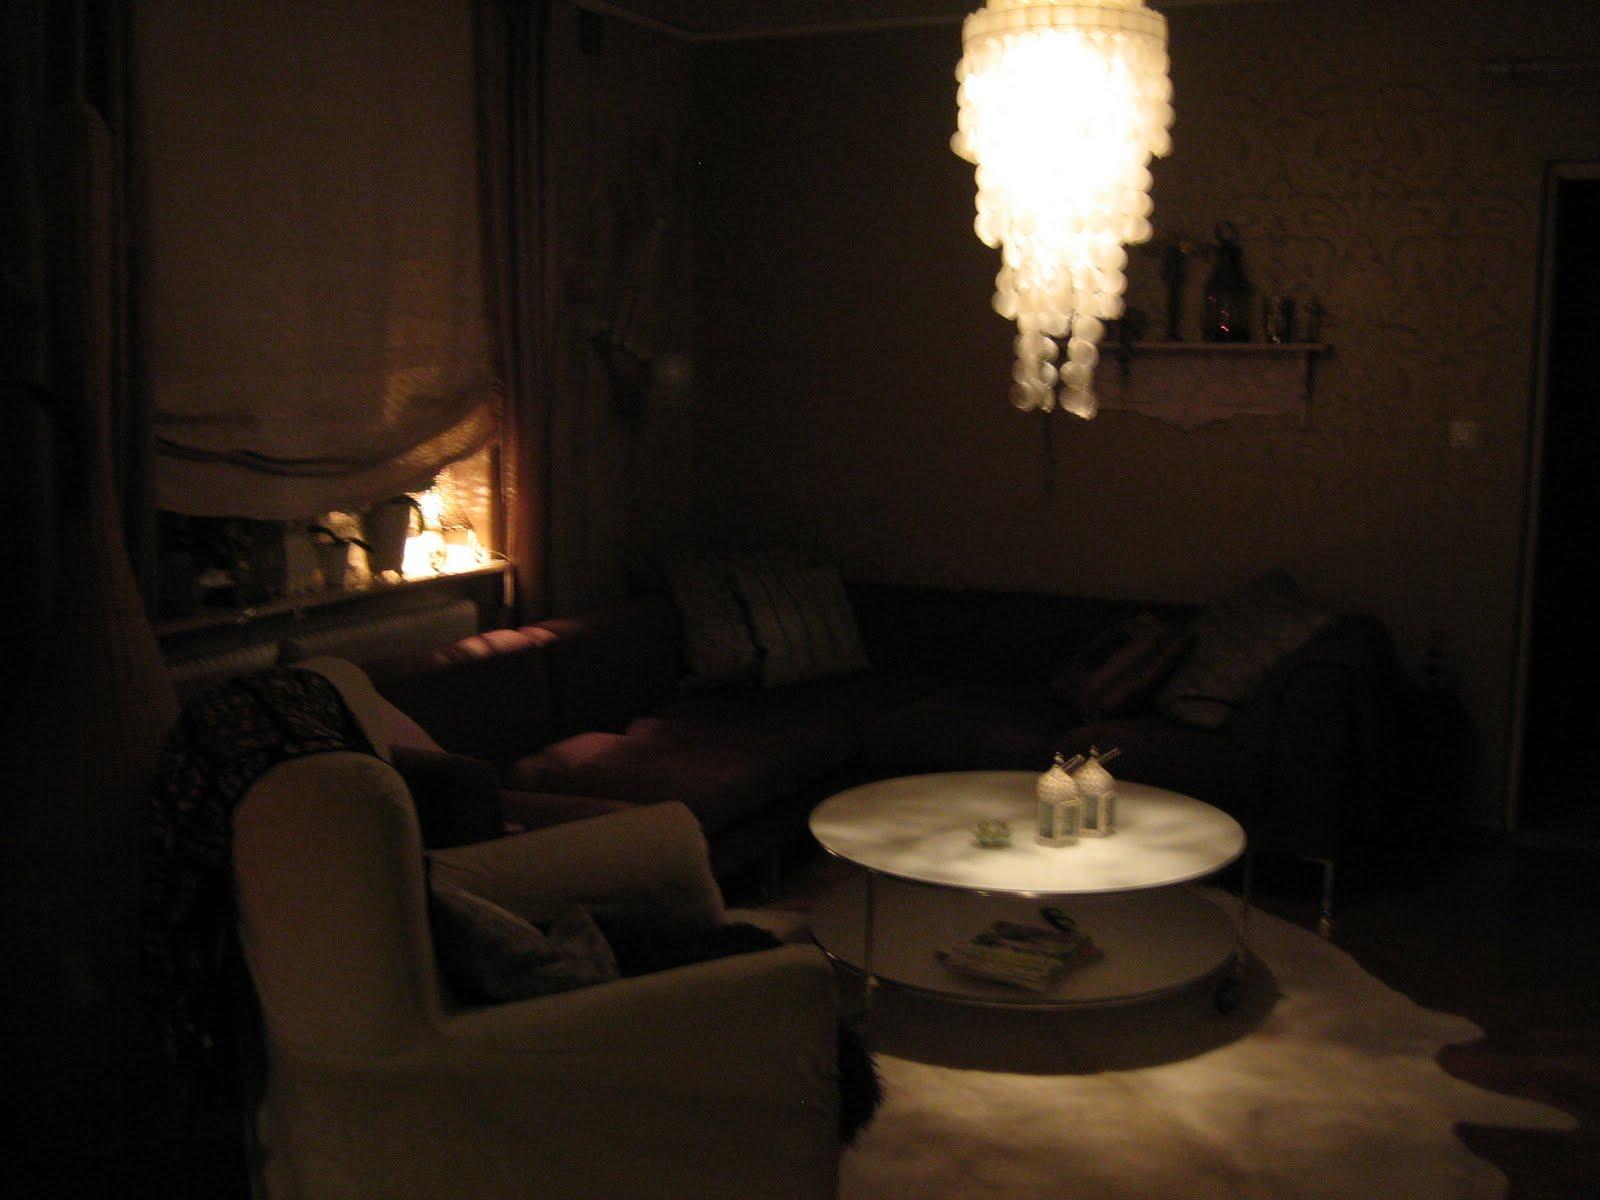 Bohemian Titta mig omkring hemma Nästan alla våra möblerär köpta på blocket Soffa,soffbord